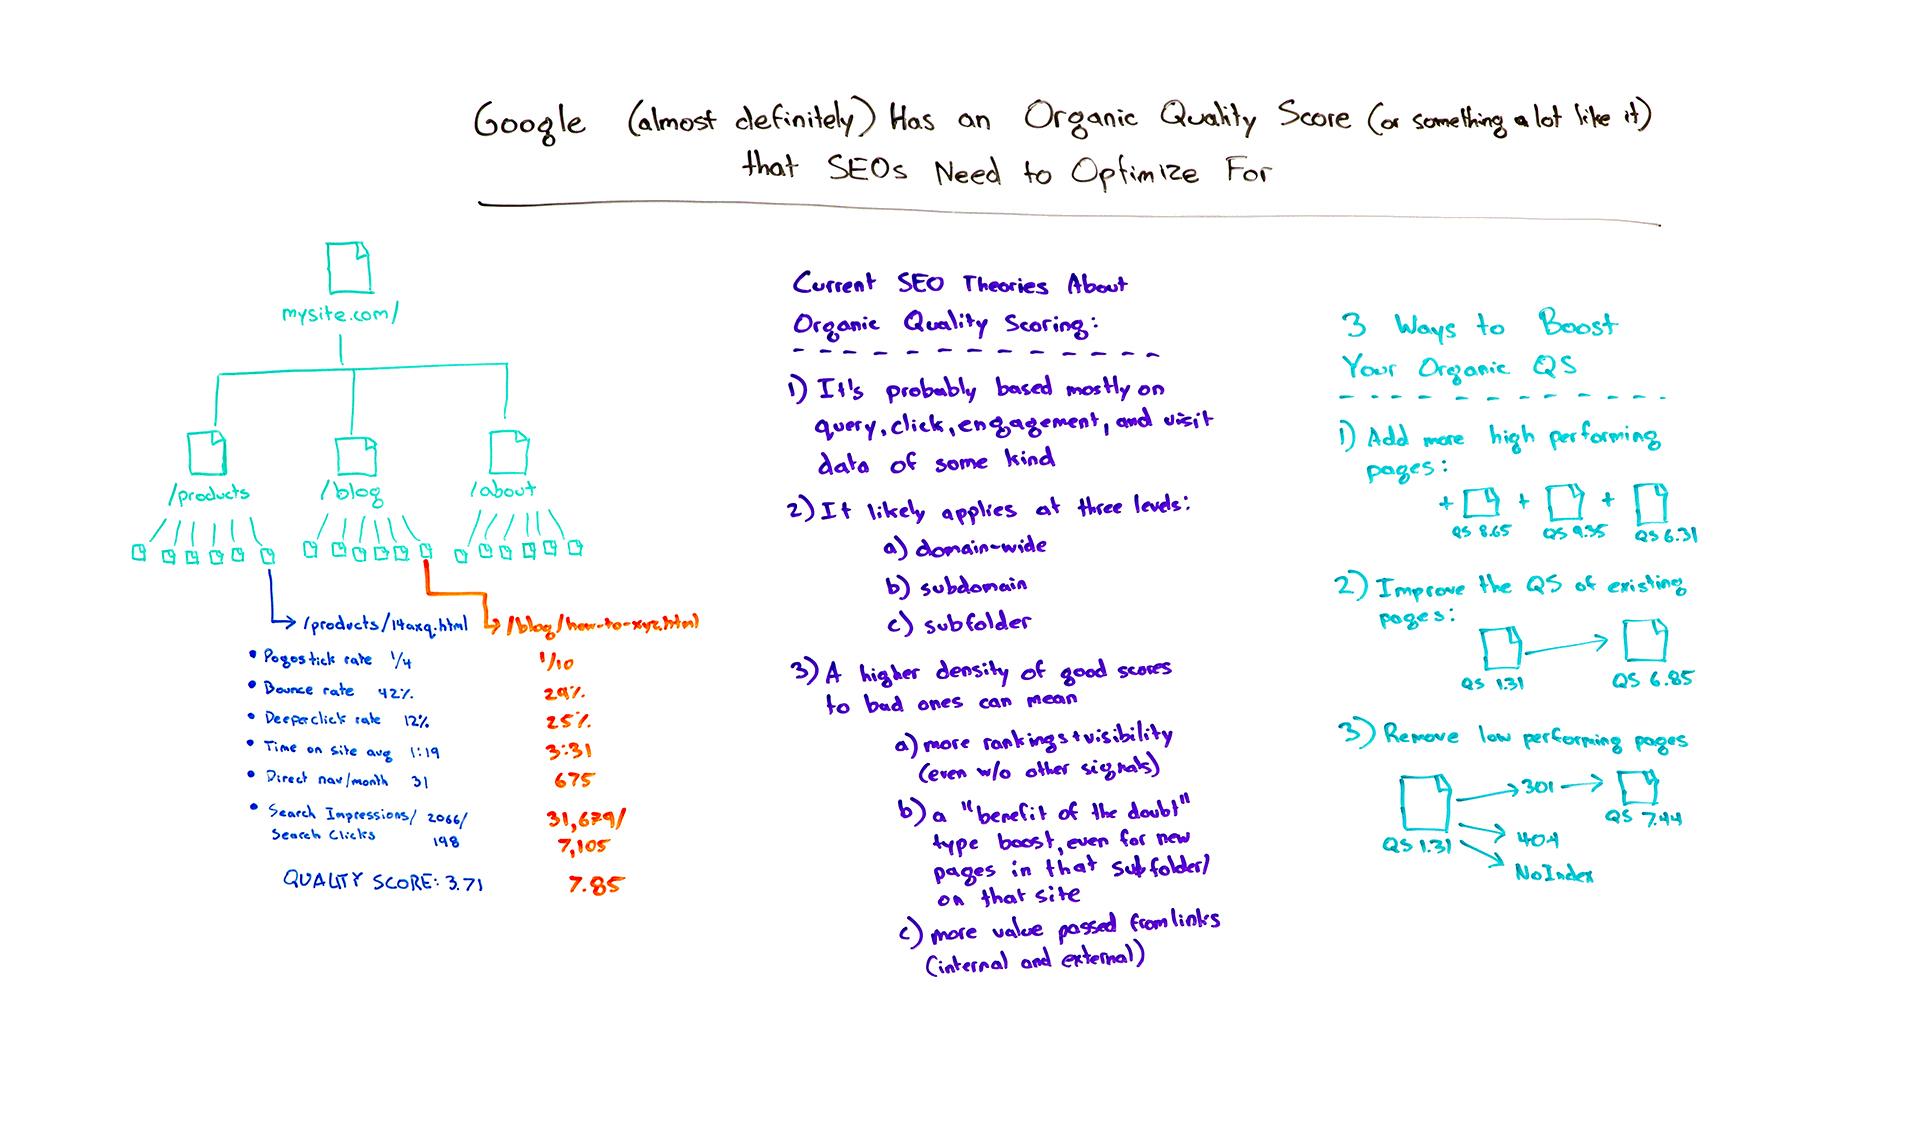 Google's Organic Quality Score